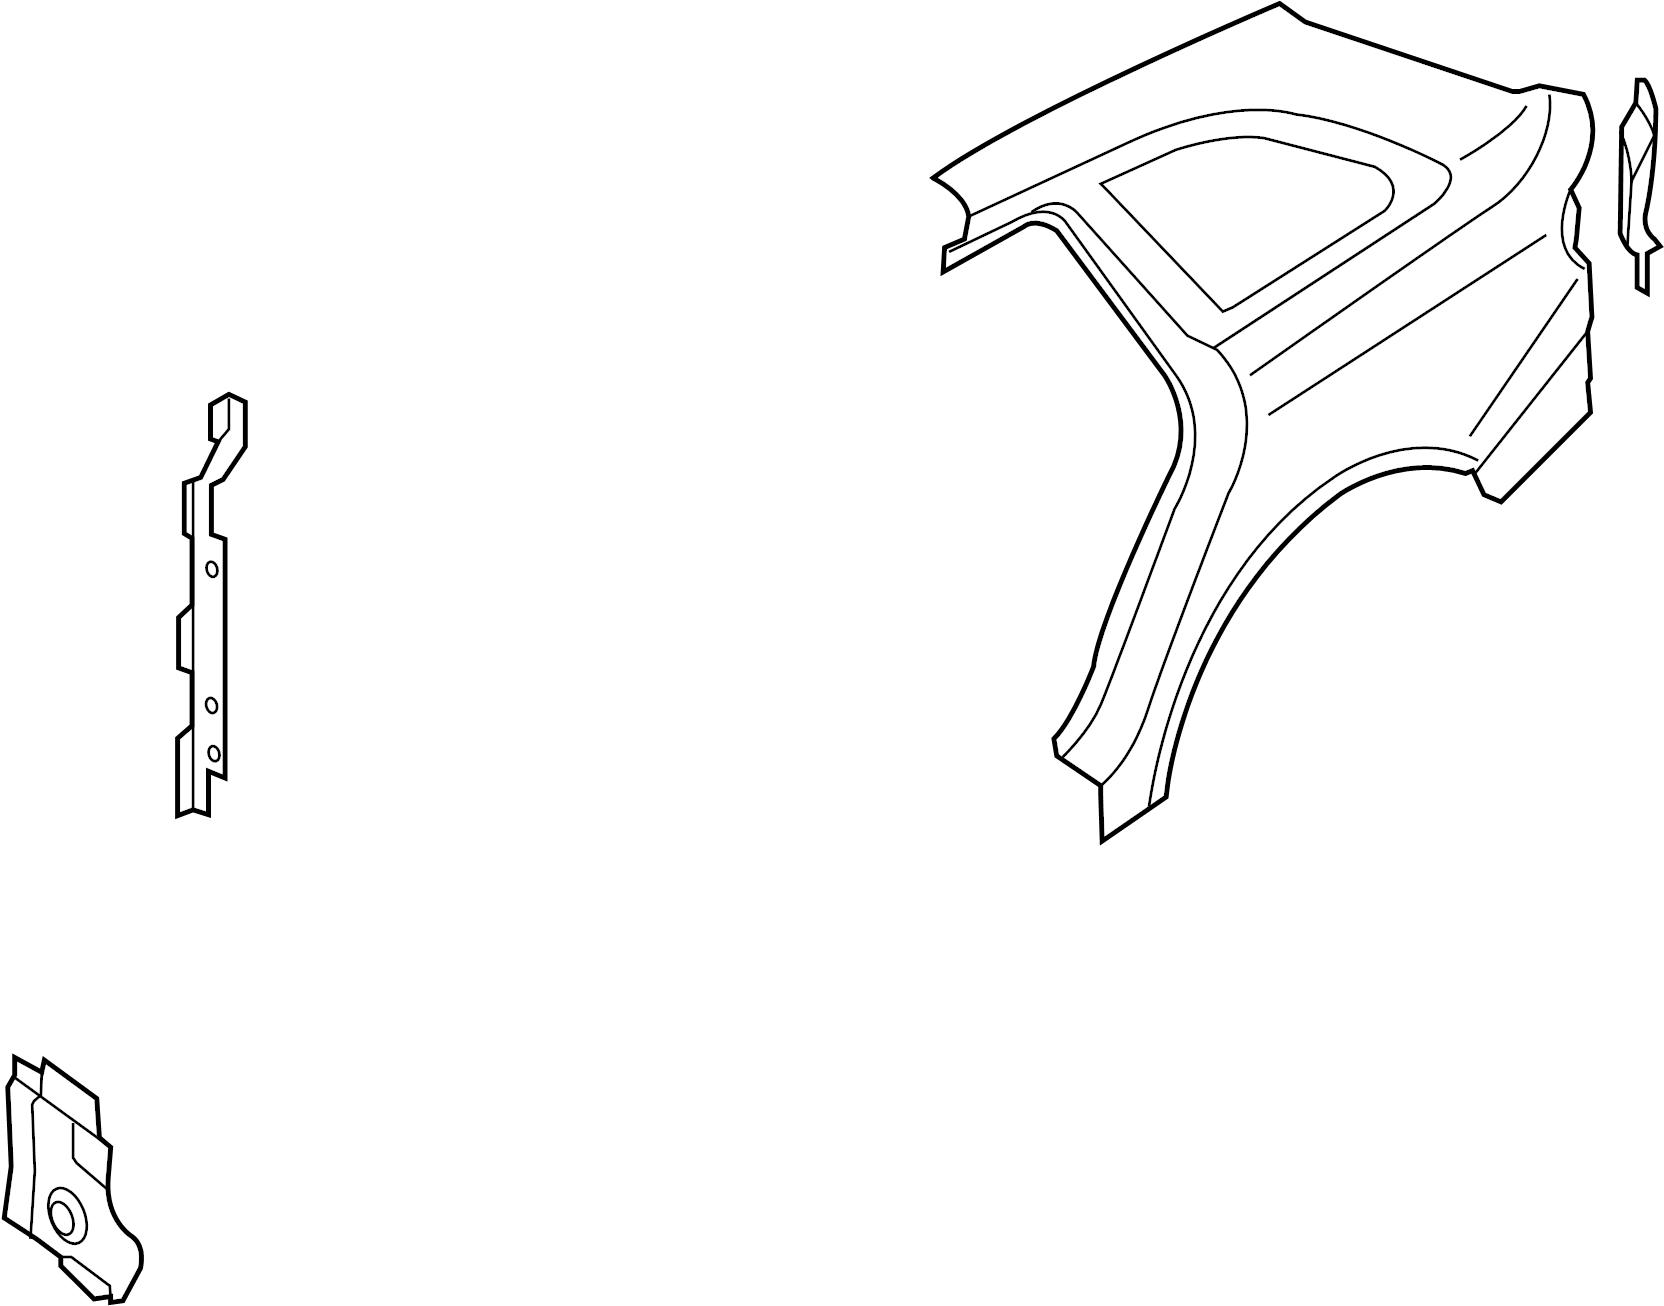 8k5810076b - uniside  panel  sedan  aperture